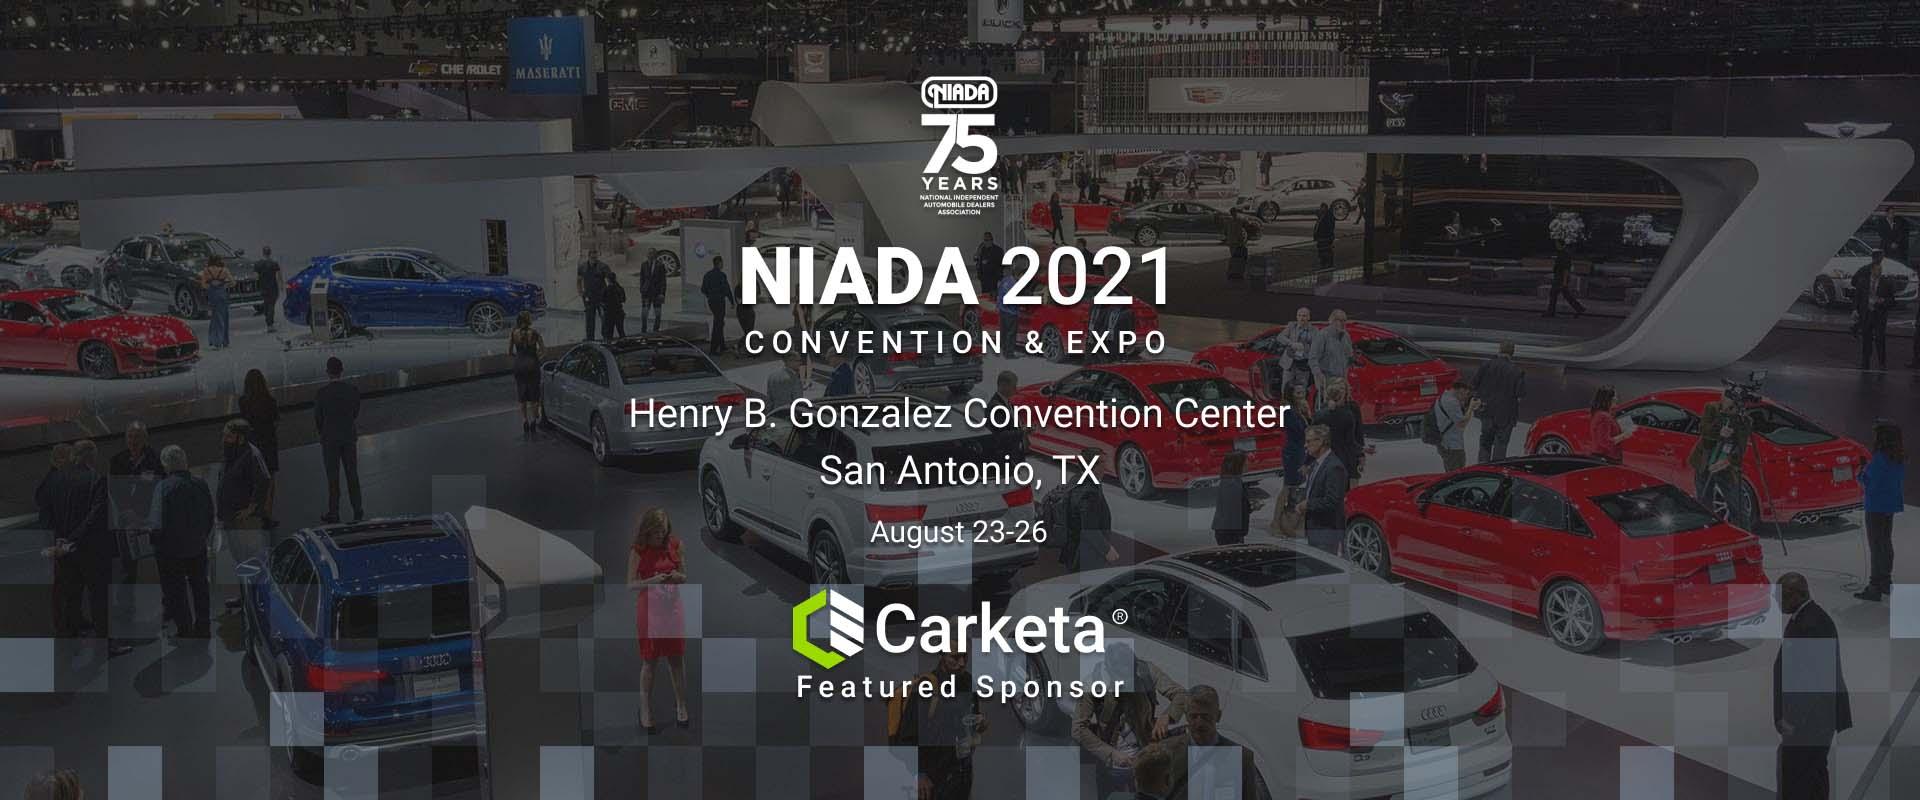 niada-convention-1